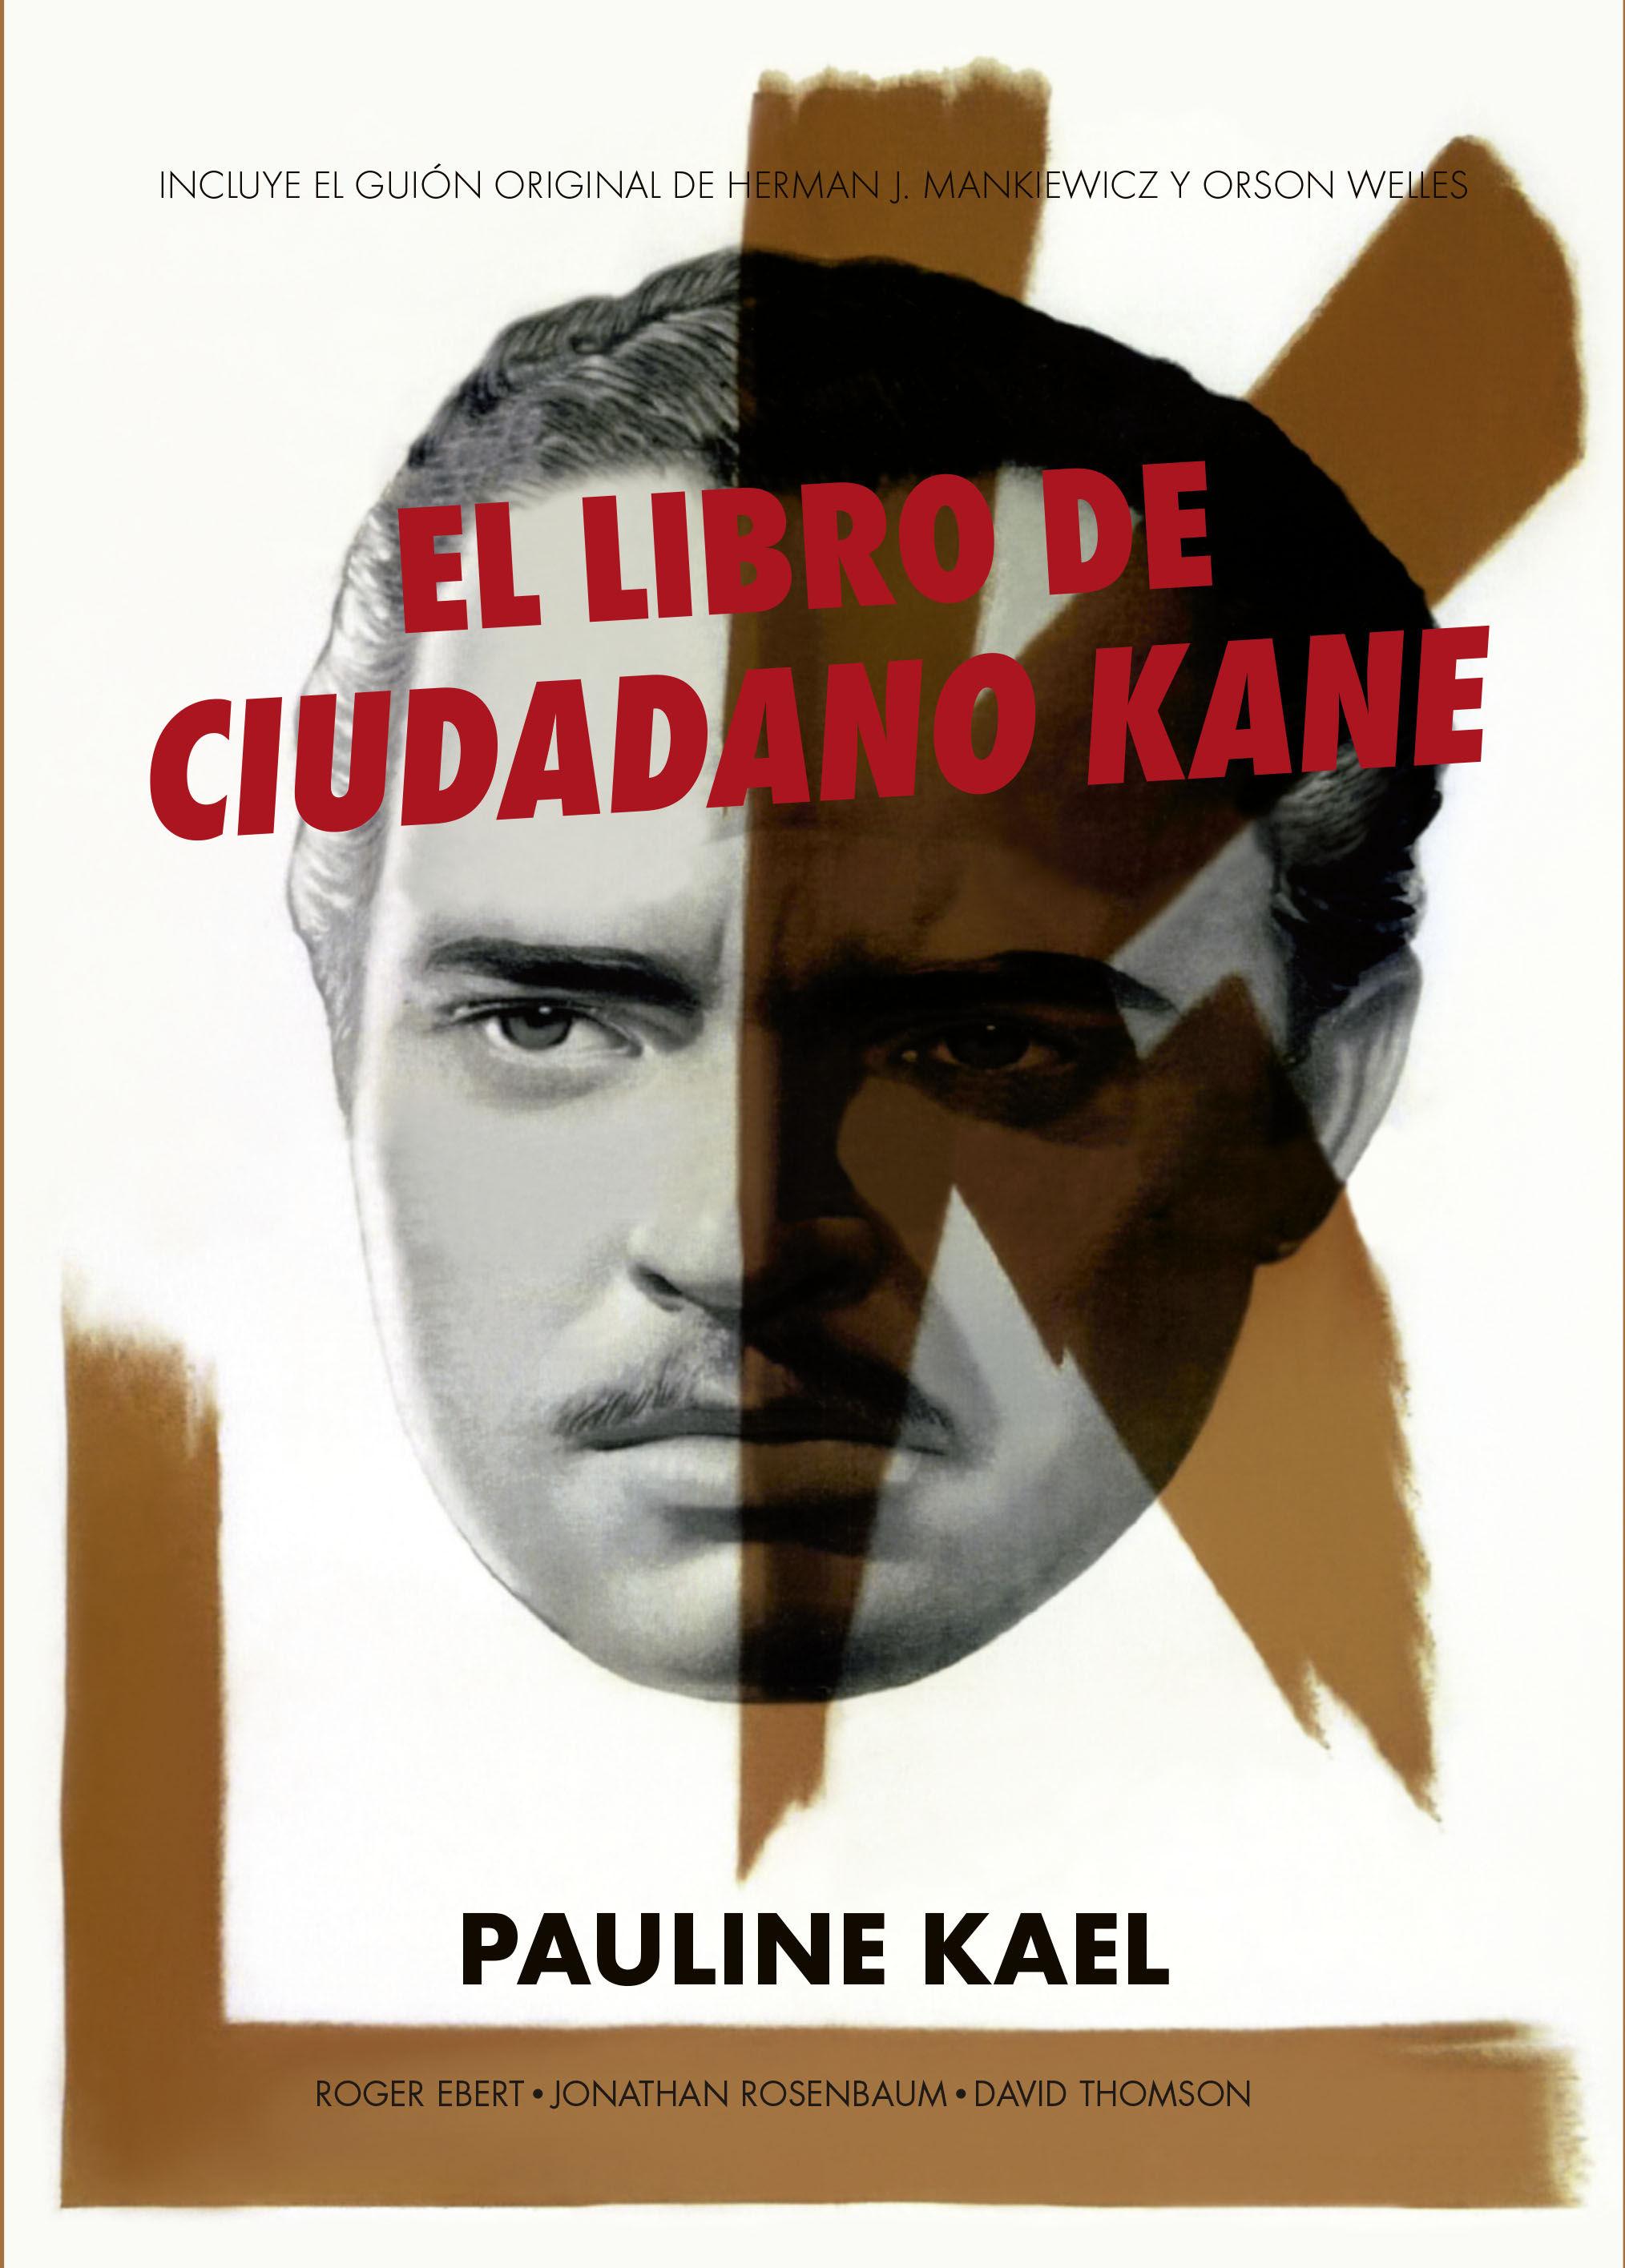 LIBRO DE CIUDADANO KANE